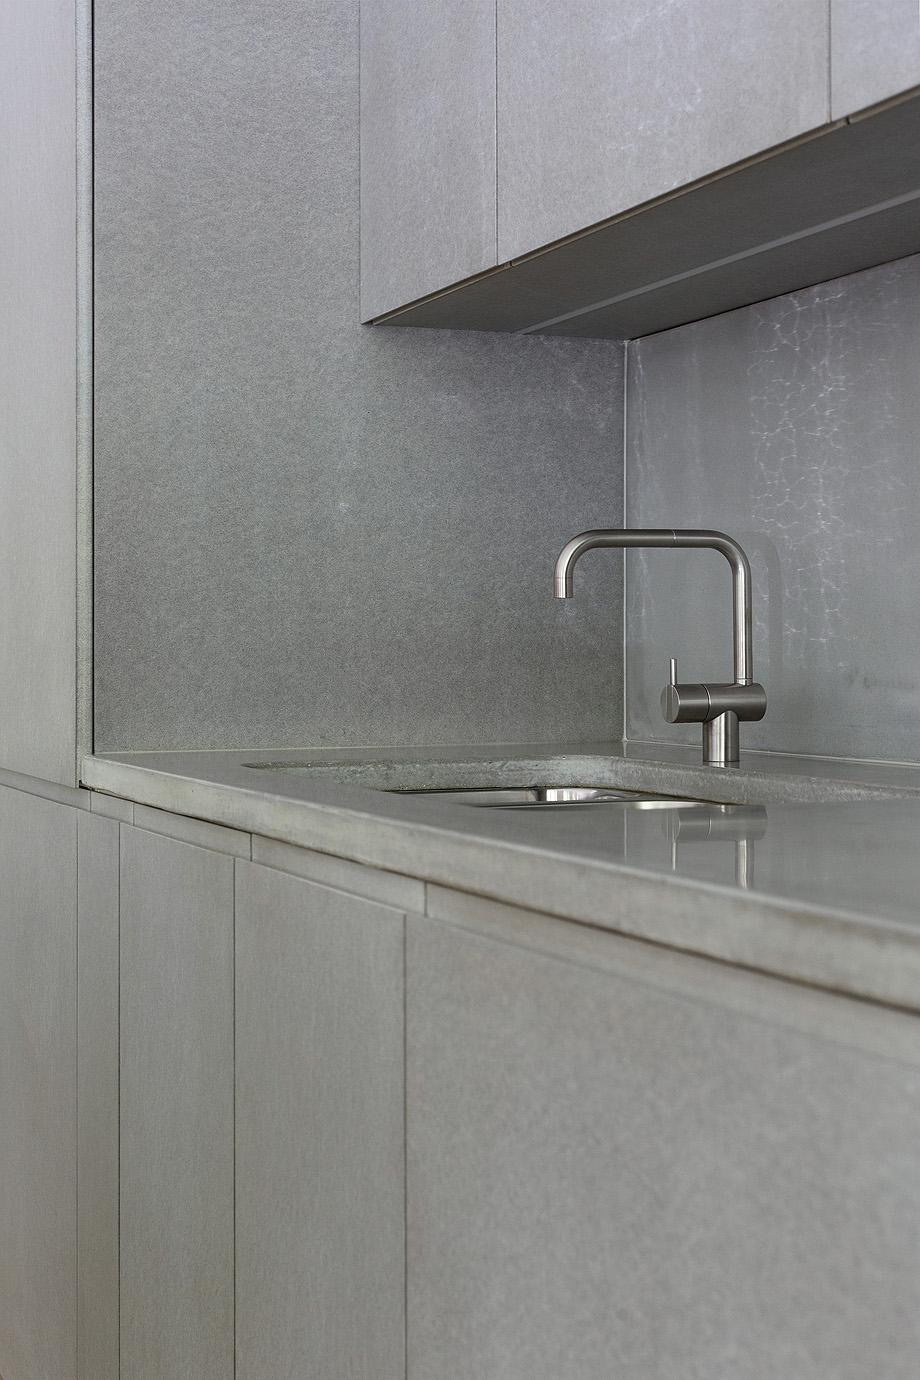 apartamento en gris y oro de richard lindvall (7)